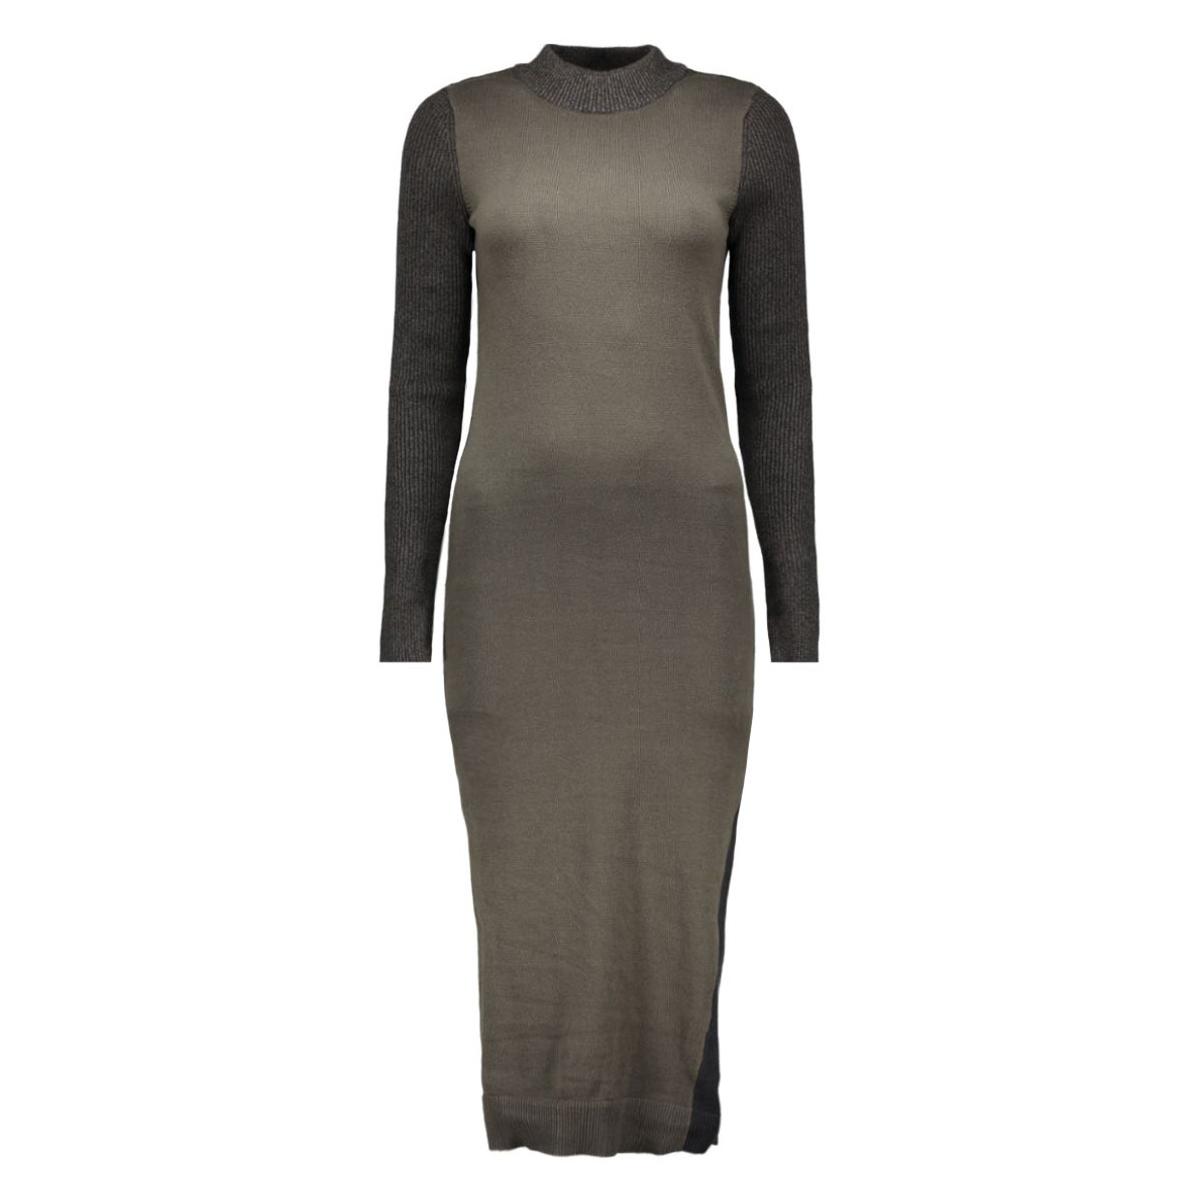 33001073 dept jurk 59046 dark olive